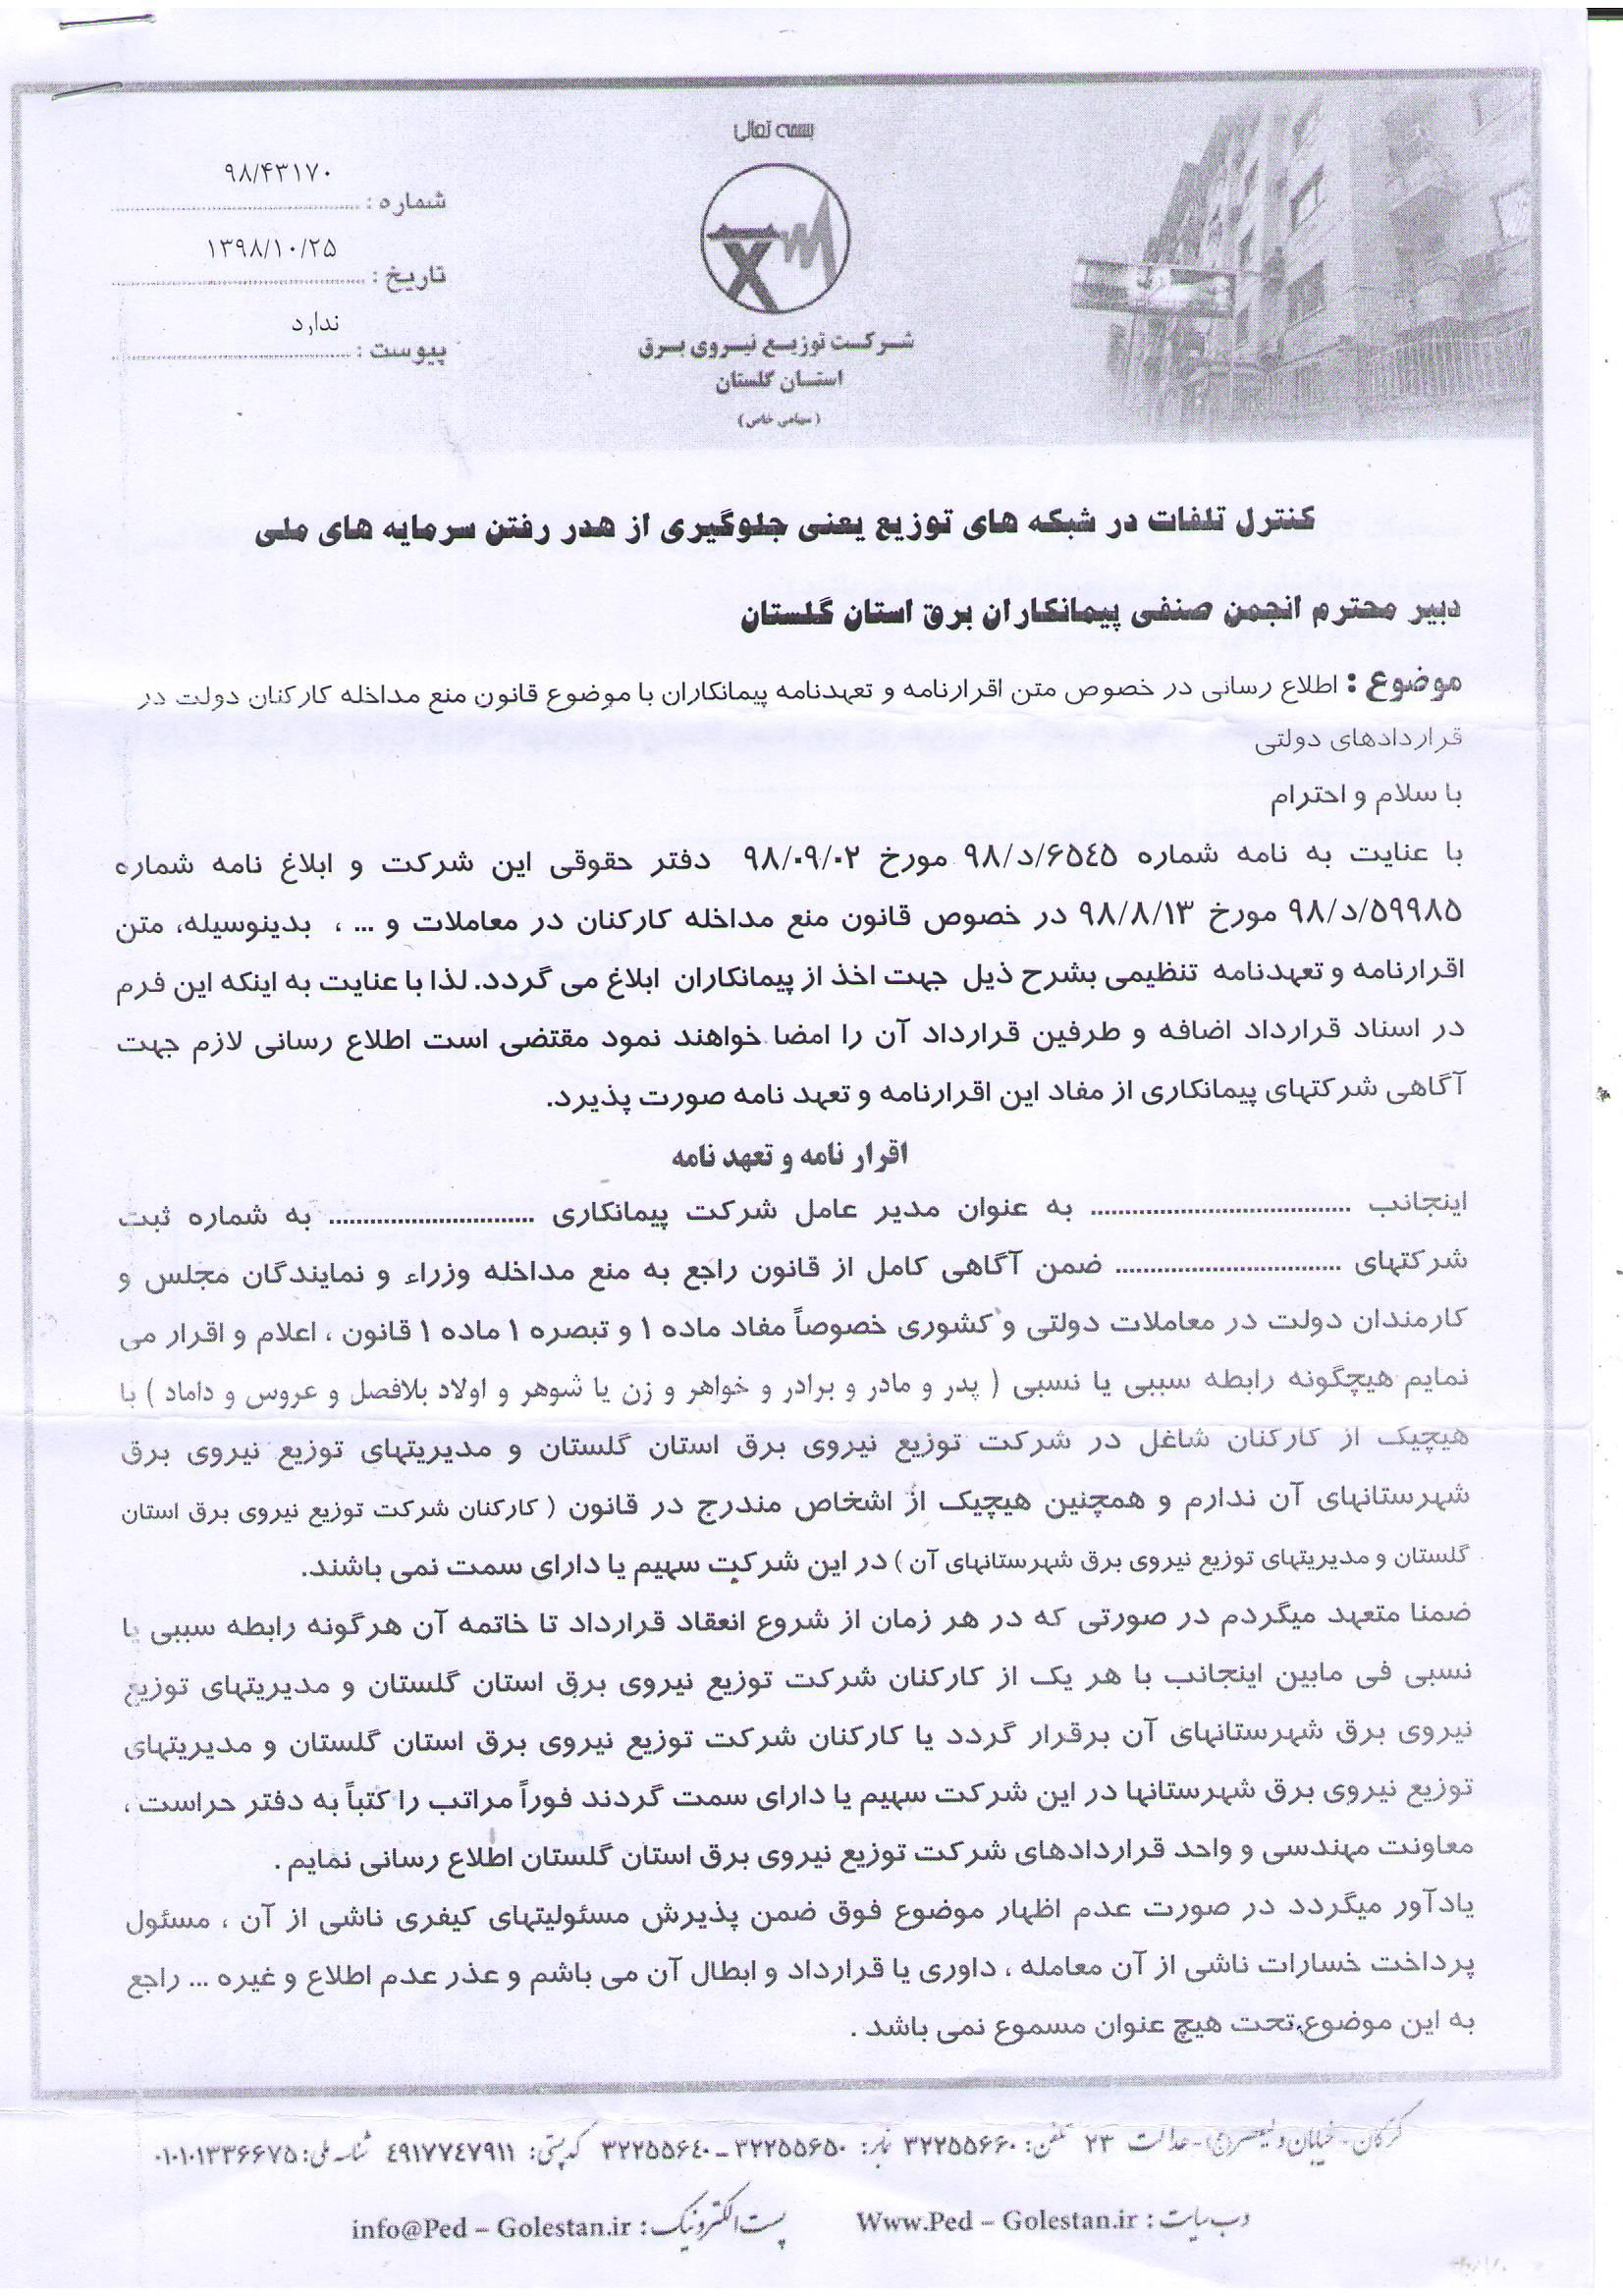 تعهد نامه پیمانکاران در خصوص قانون منع مداخله کارکنان دولت در قراردادهای دولتی